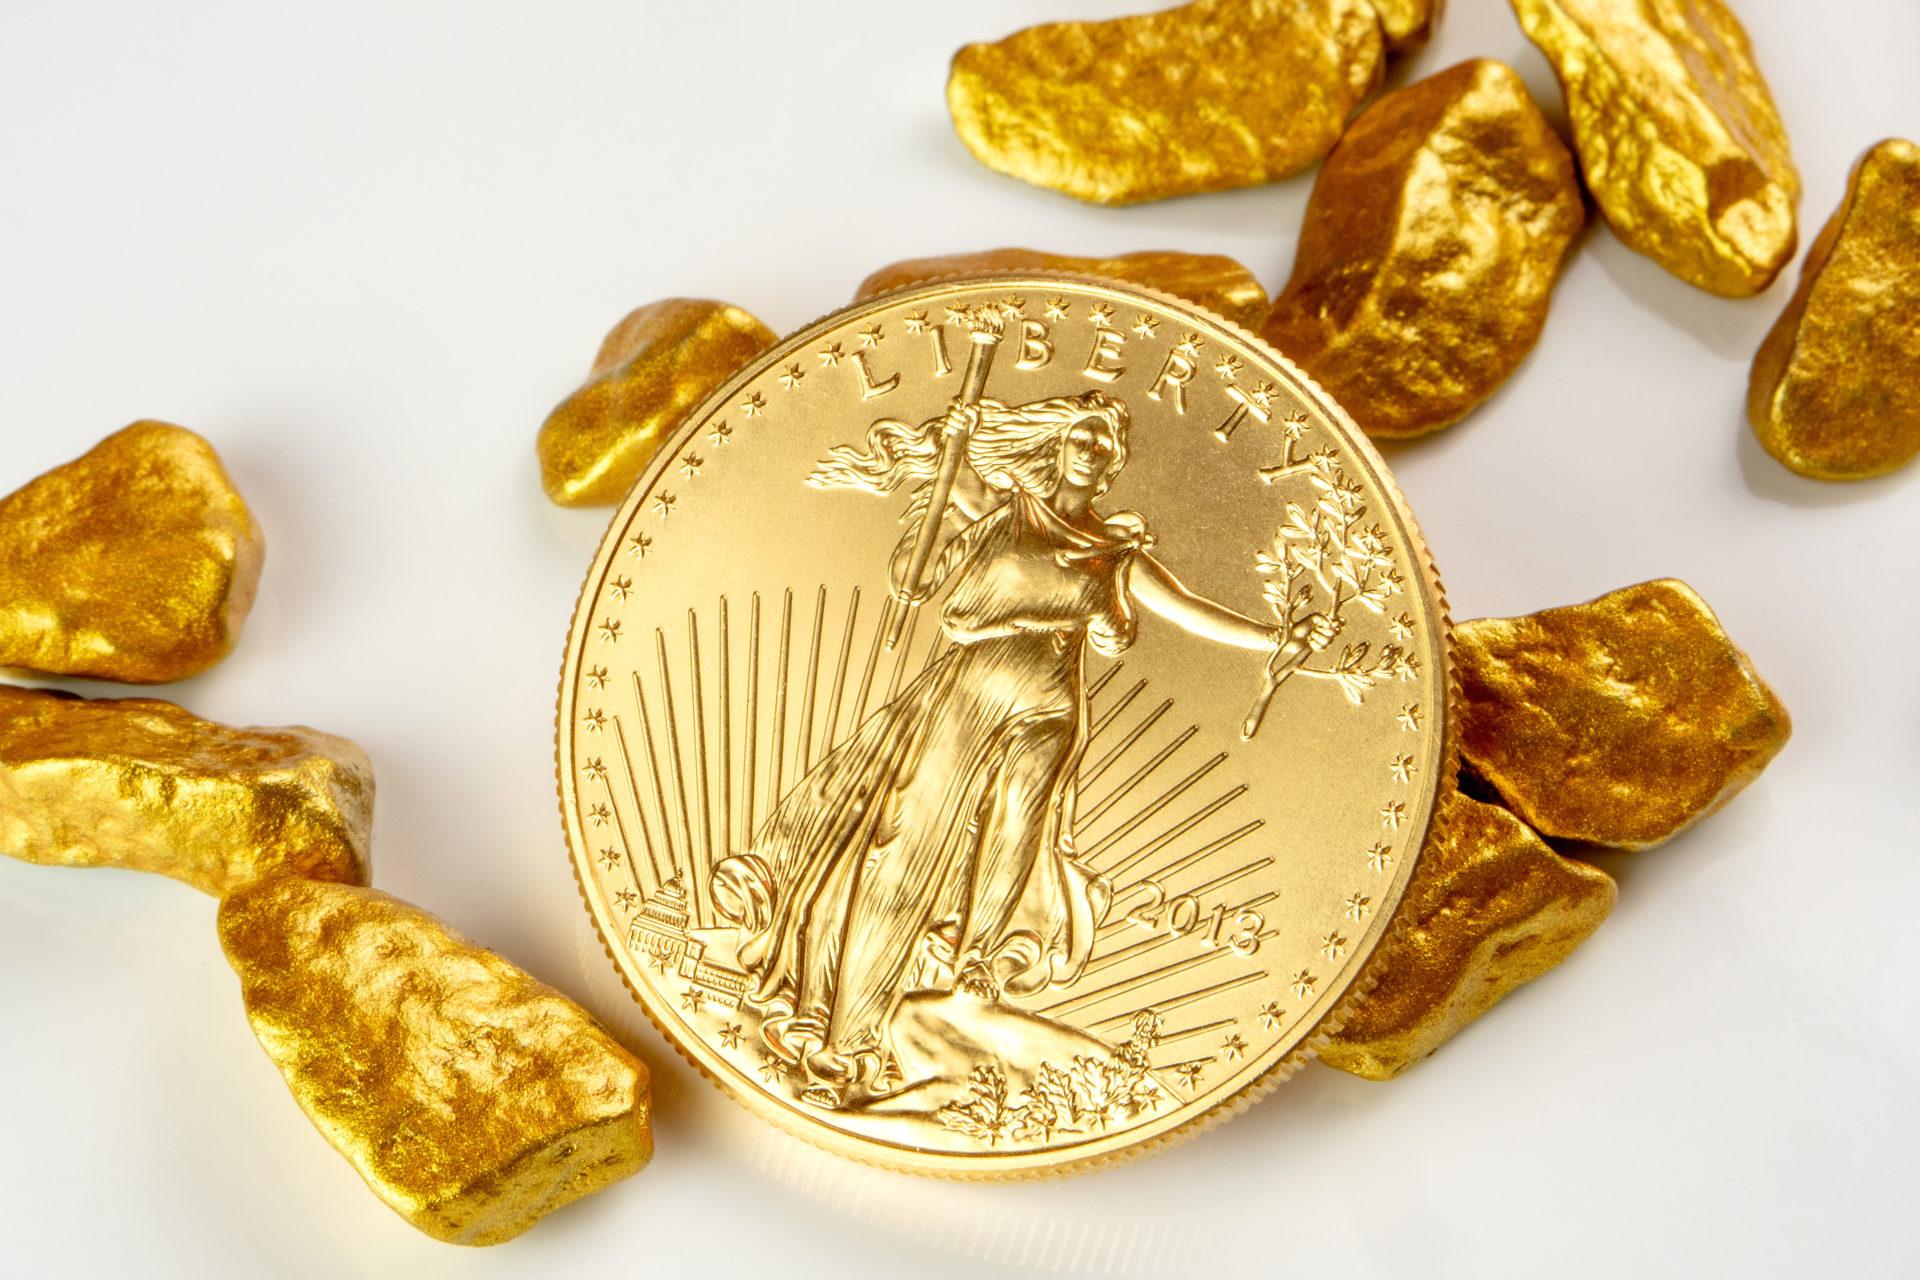 Goldmuenzen-golden-american-eagle-1-unze-Aurax-Edelmetallhandel-GmbH-Goldmuenzen-Ankauf-Koeln-Goldmuenzen-Ankauf-Bonn-Goldmuenzen-verkaufen